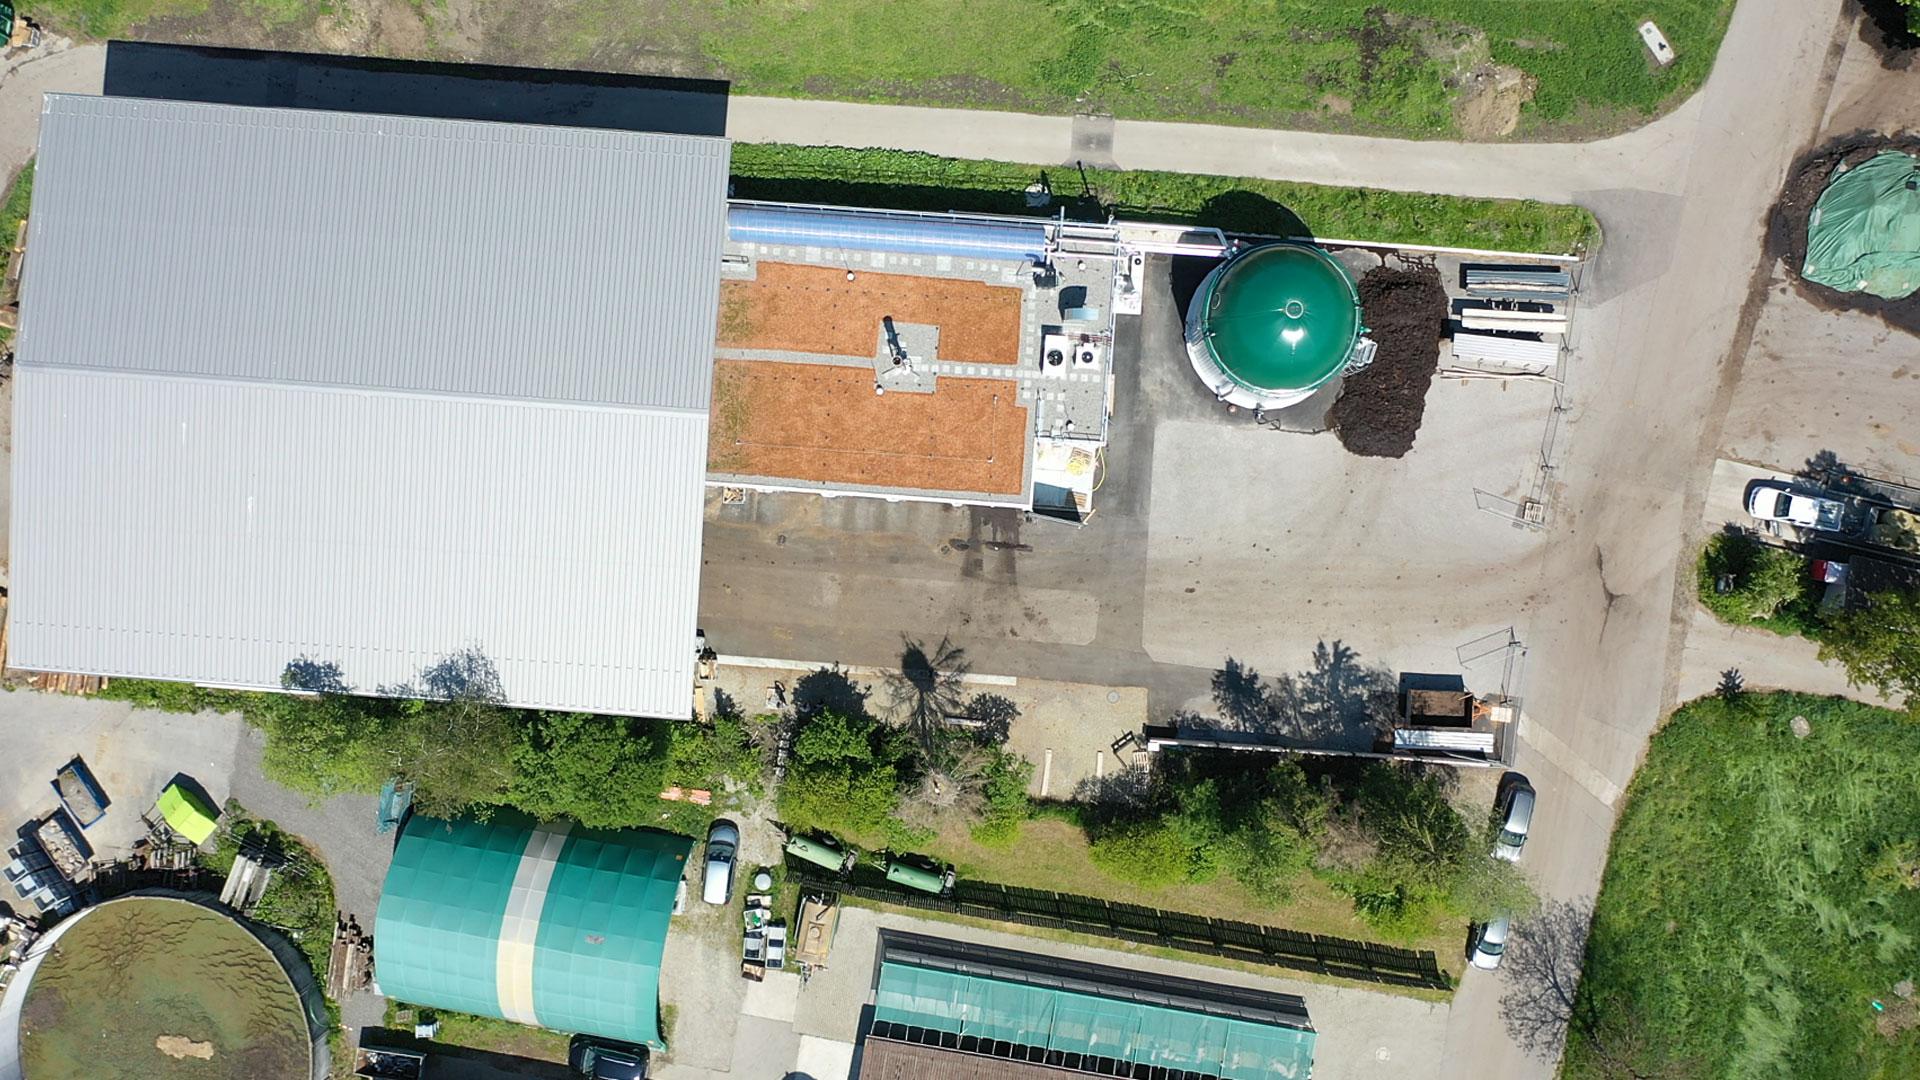 Biogasanlage Schweiz, biogas plant SSAD Switzerland